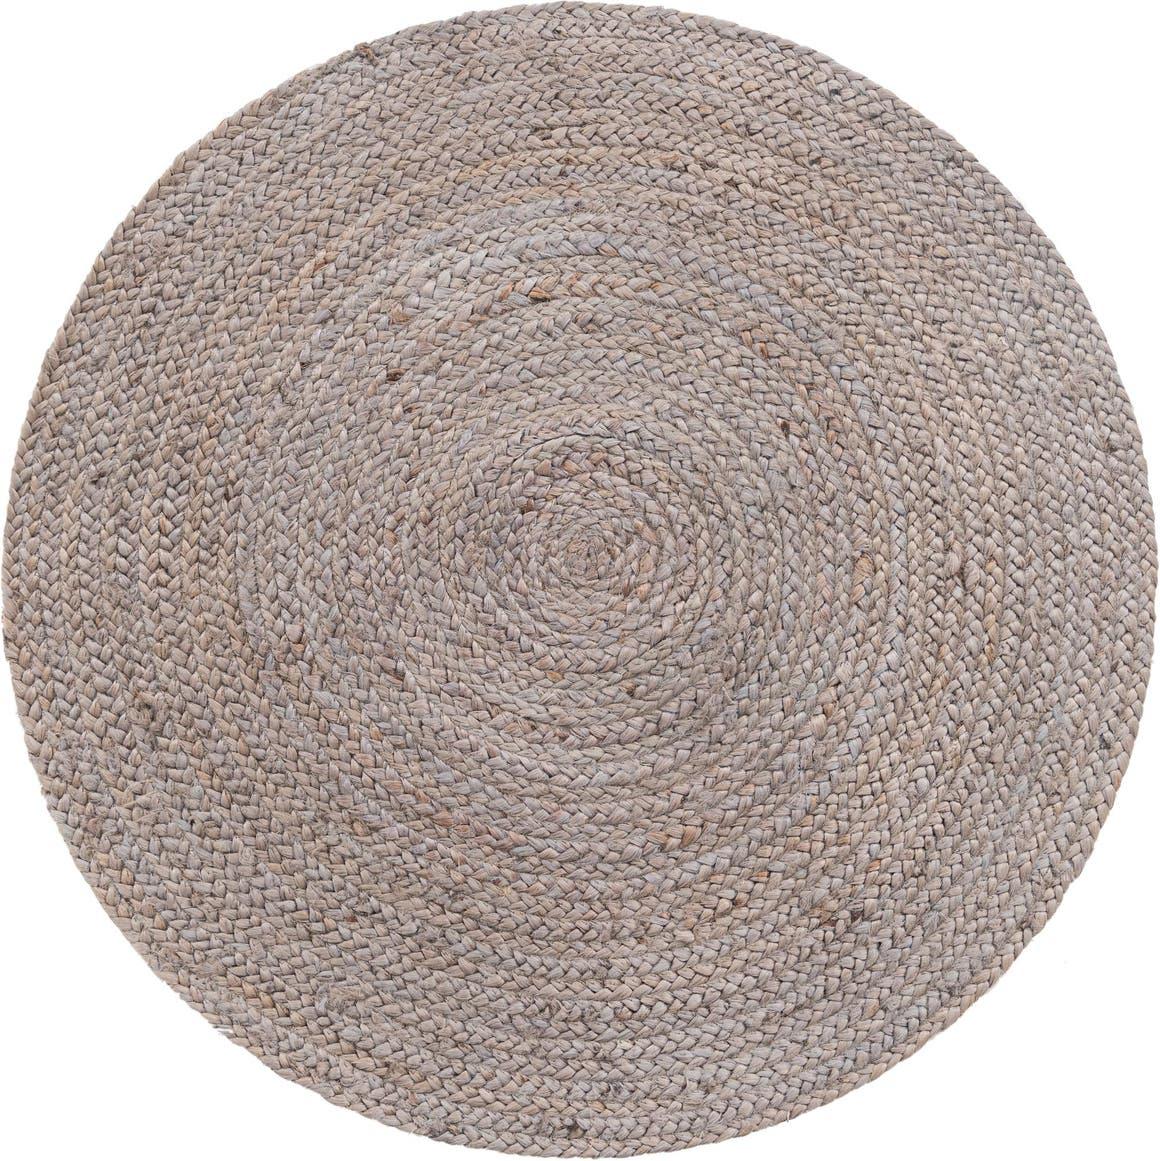 3' 3 x 3' 3 Braided Jute Round Rug main image